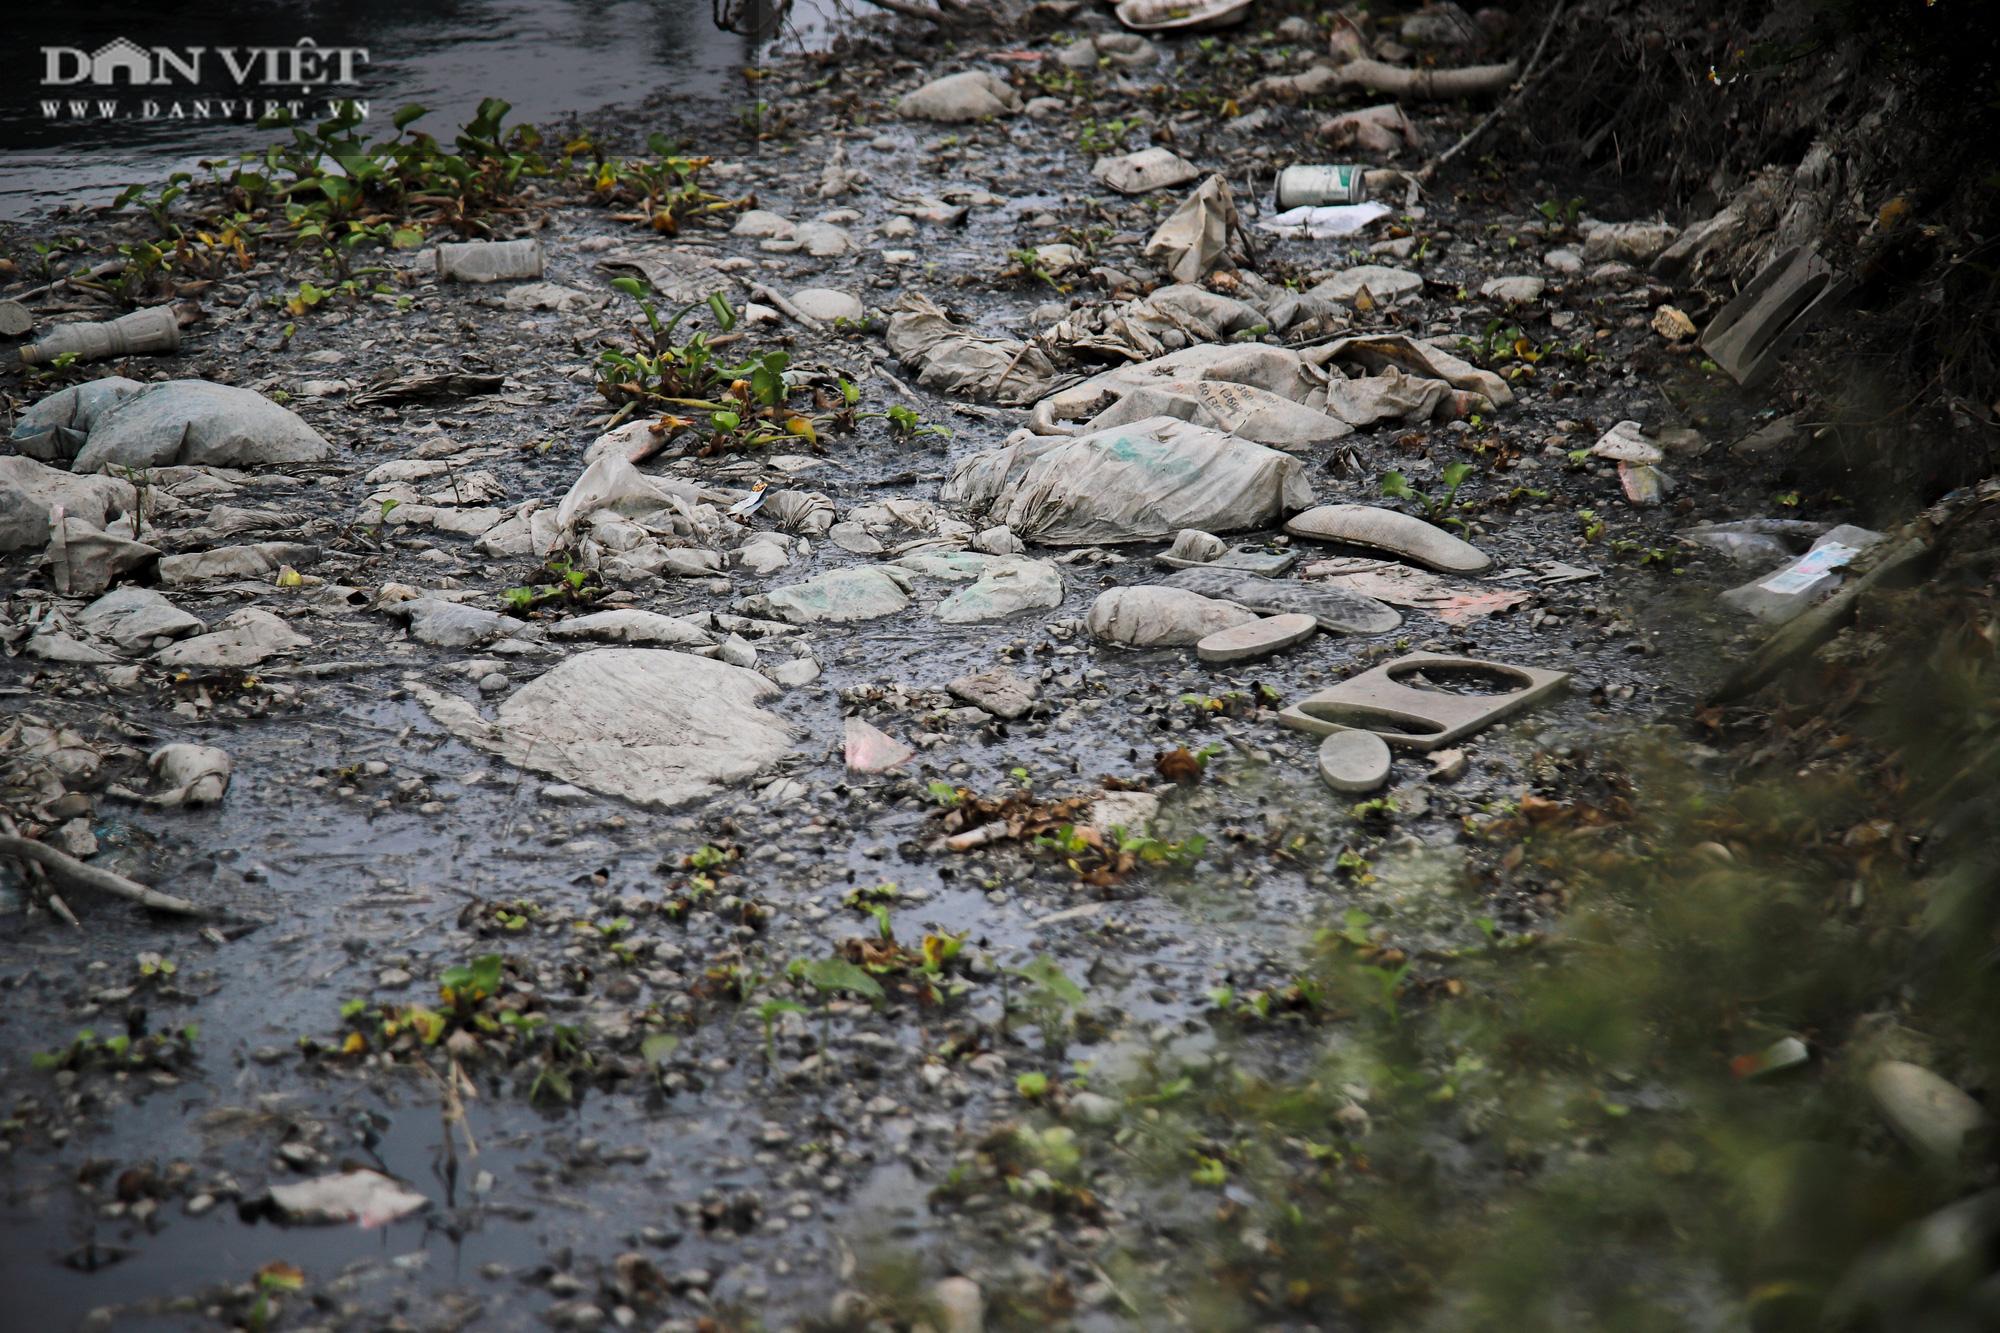 Ám ảnh khủng khiếp ở làng giấy Phú Lâm: Ô nhiễm đến con ruồi cũng không sống nổi, công nhân bán mòn sức - Ảnh 23.